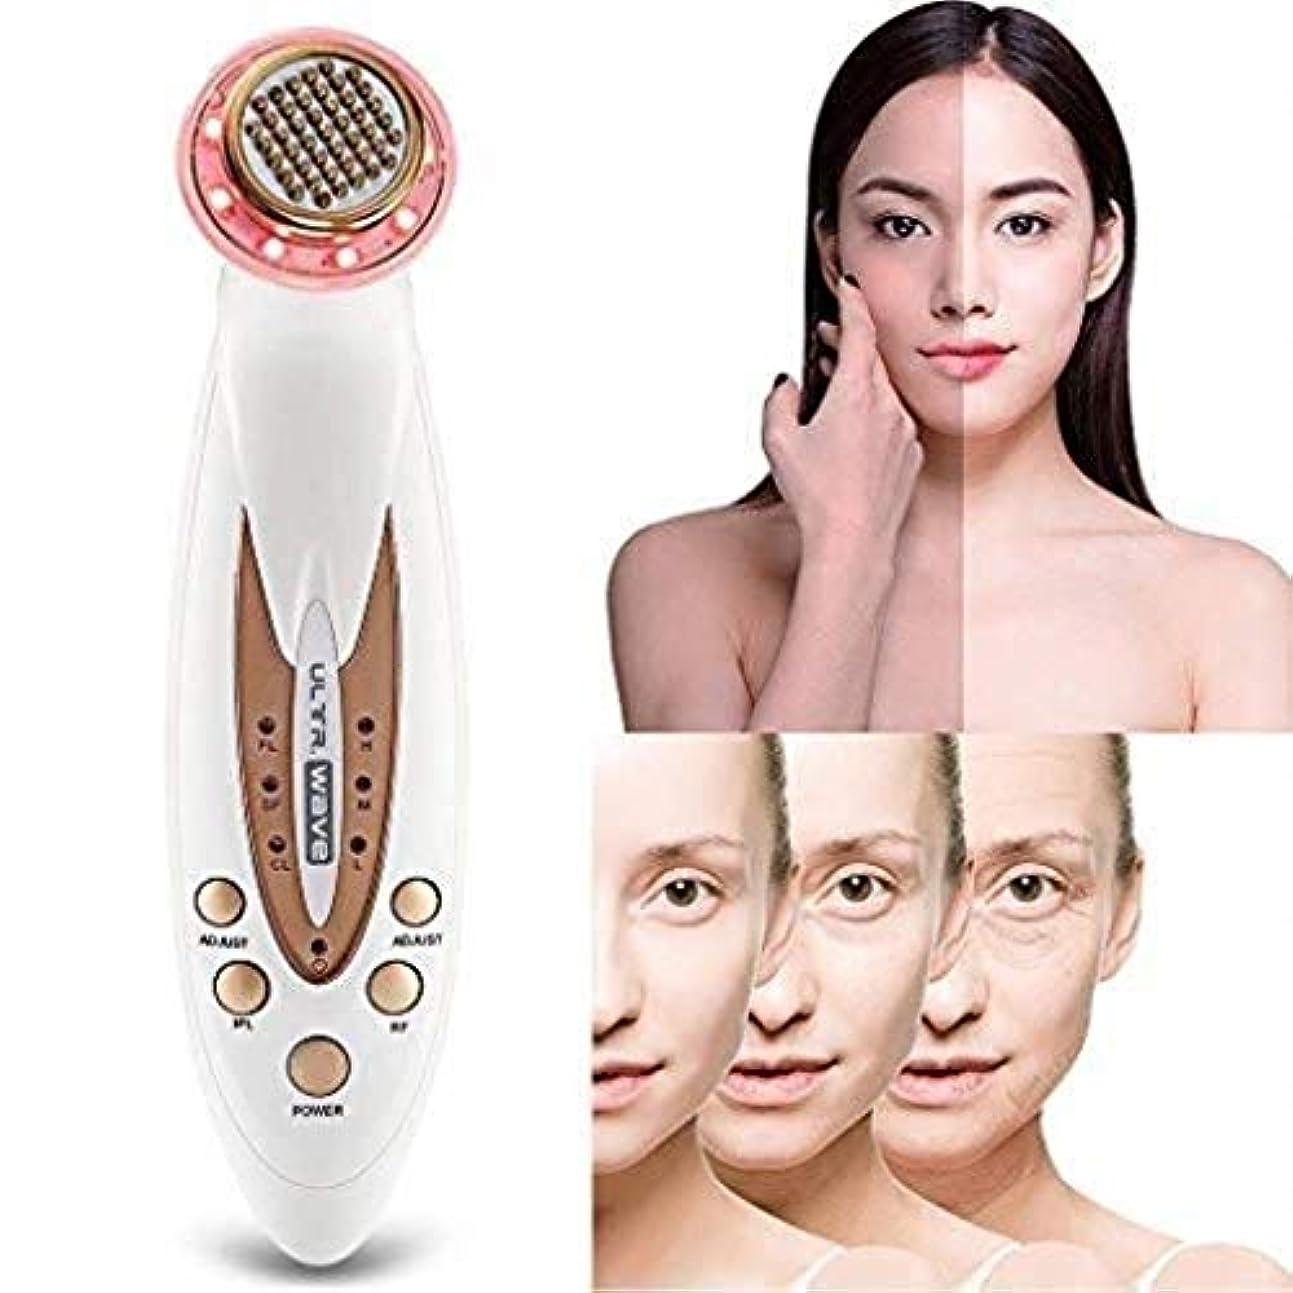 エンティティケープ縁石顔の美容マッサージ器、ポータブルアンチエイジング肌の若返りデバイス、しわ/アンチエイジング/ファーミングスキン